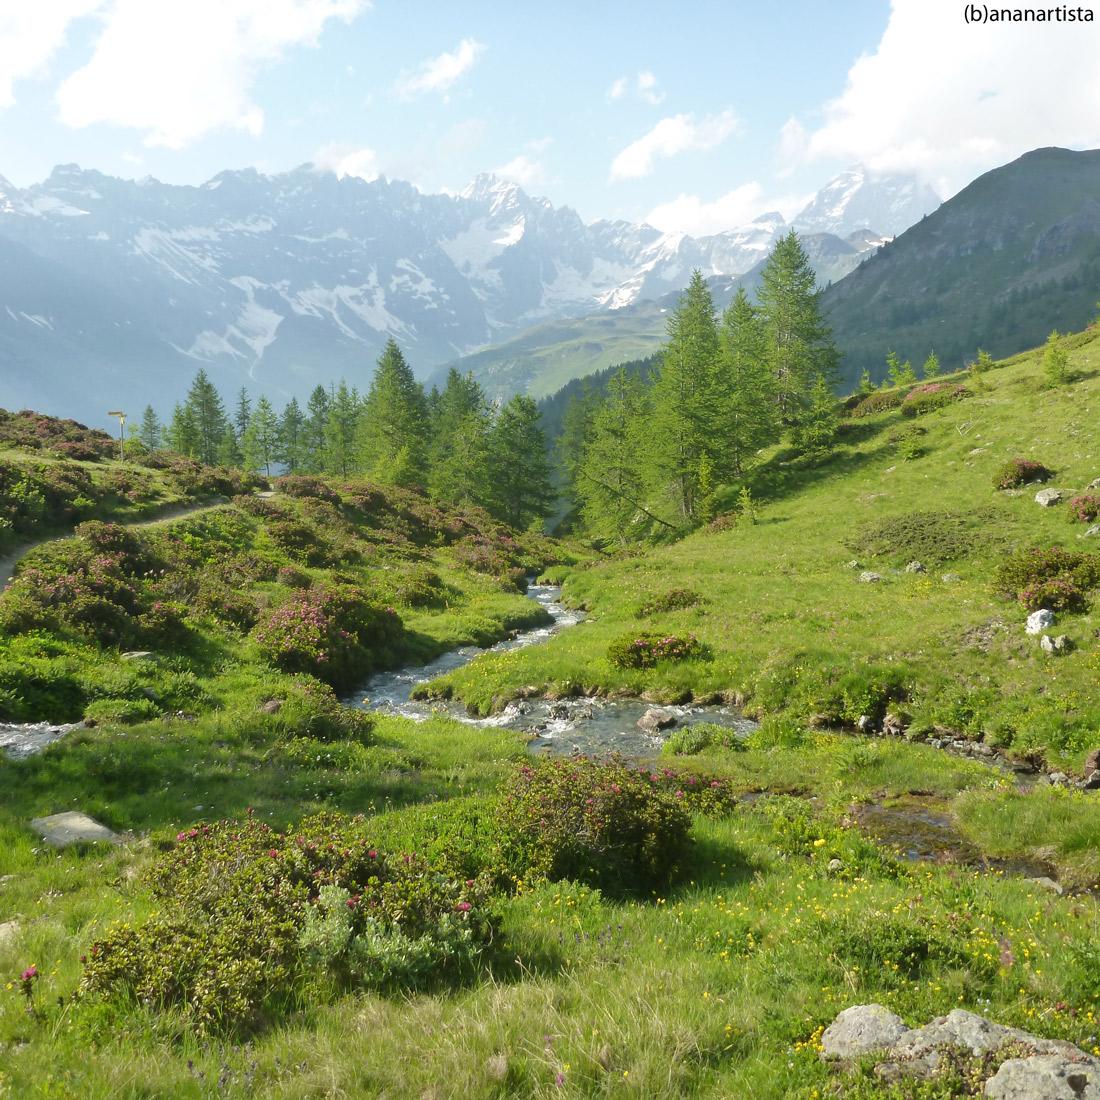 il ruscello incantato: fotografia alpina di (b)ananartista sbuff